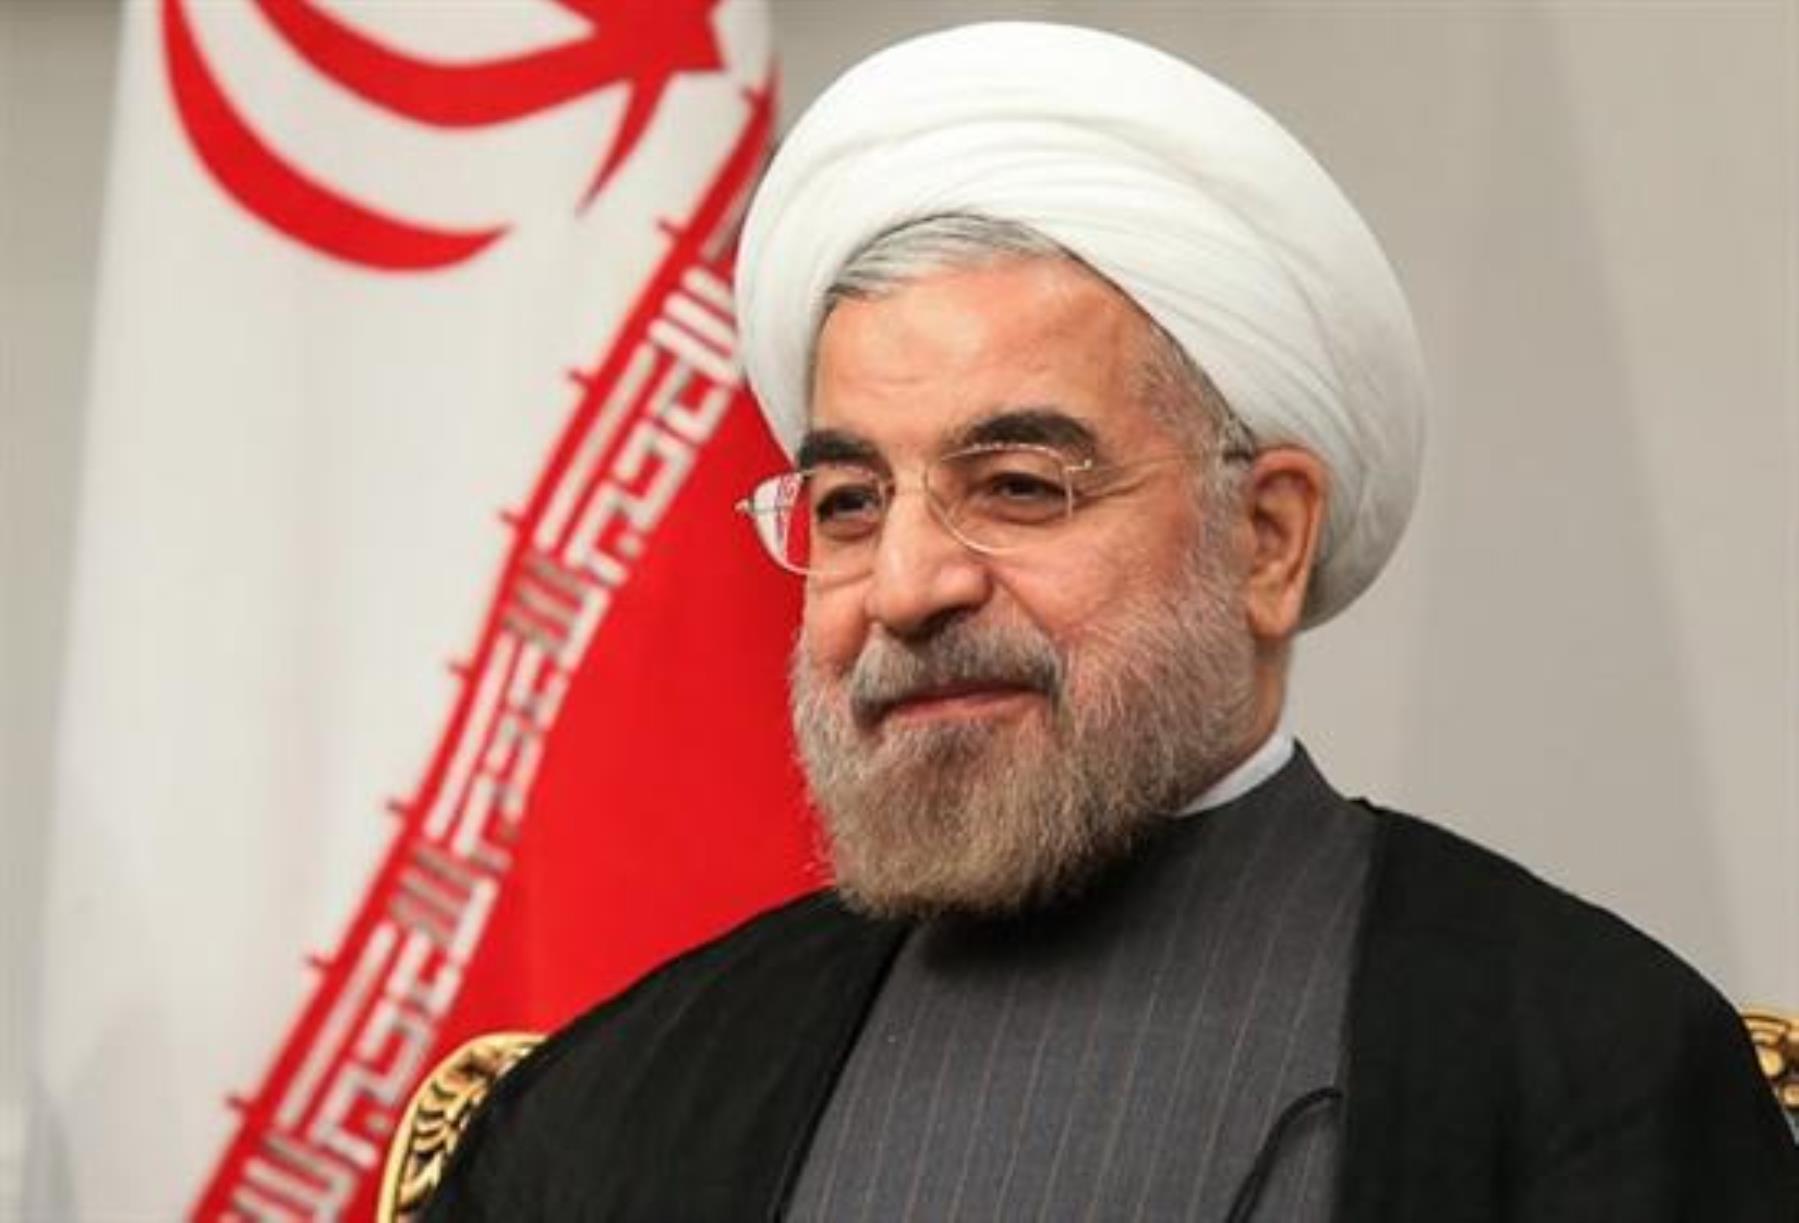 تسلیم پیام روحانی به رئیس جمهور لبنان